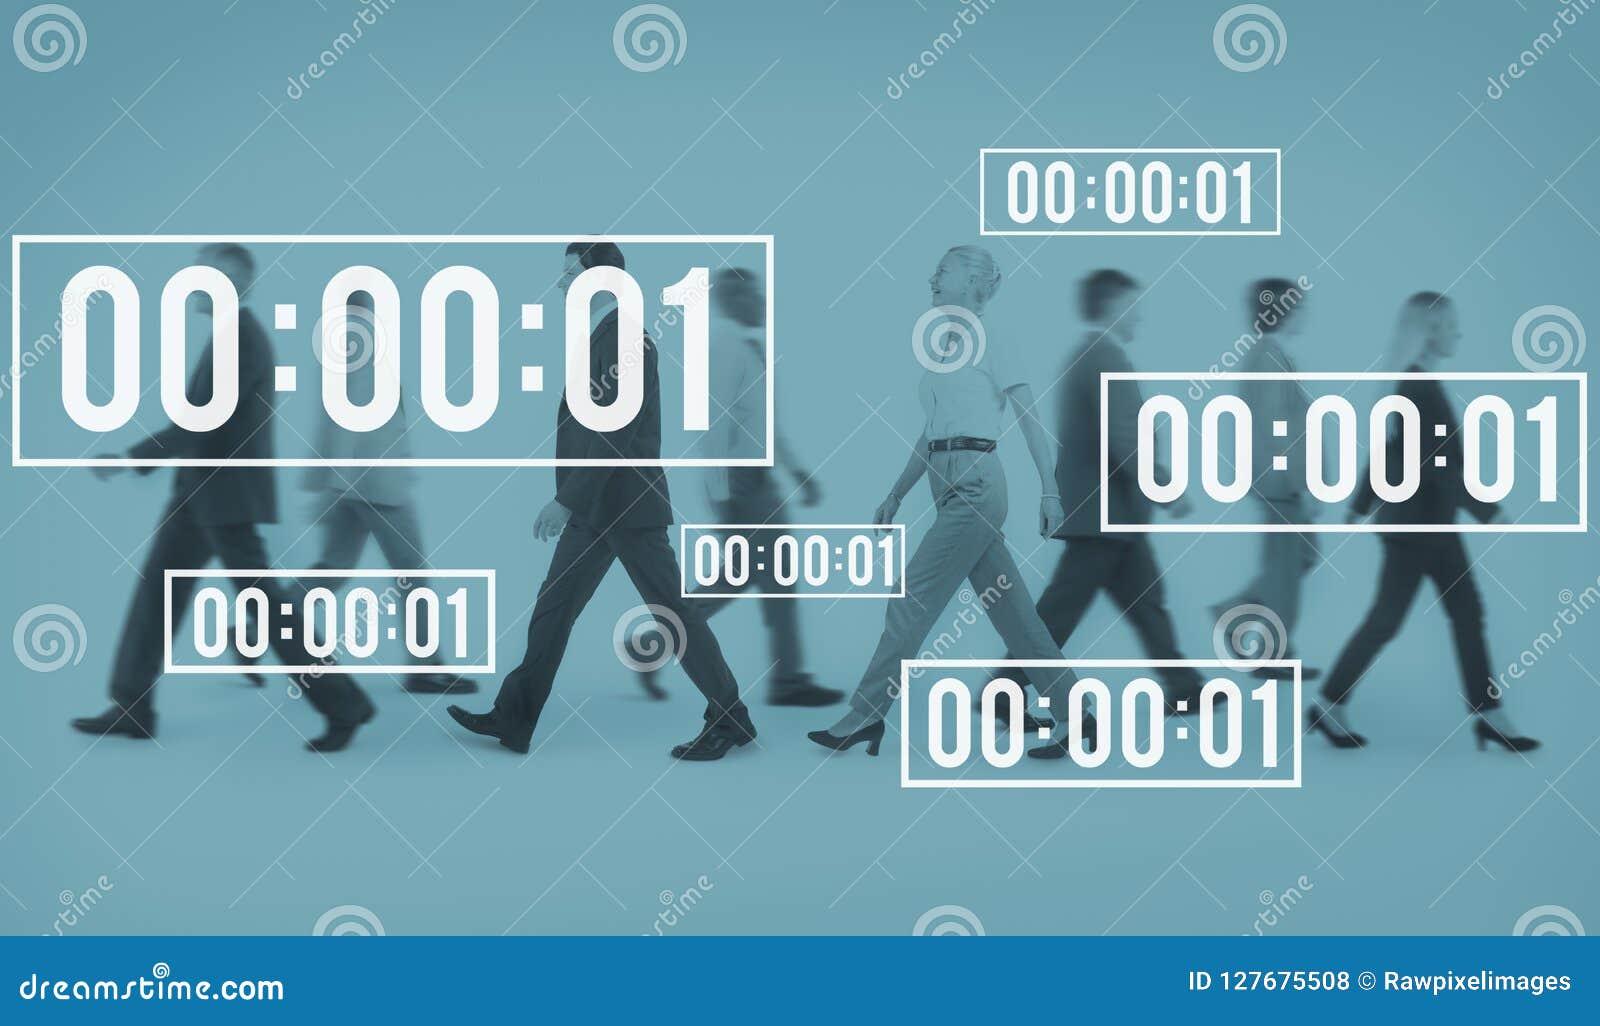 Concetto di conto alla rovescia di durata della gestione del cronometro di vita